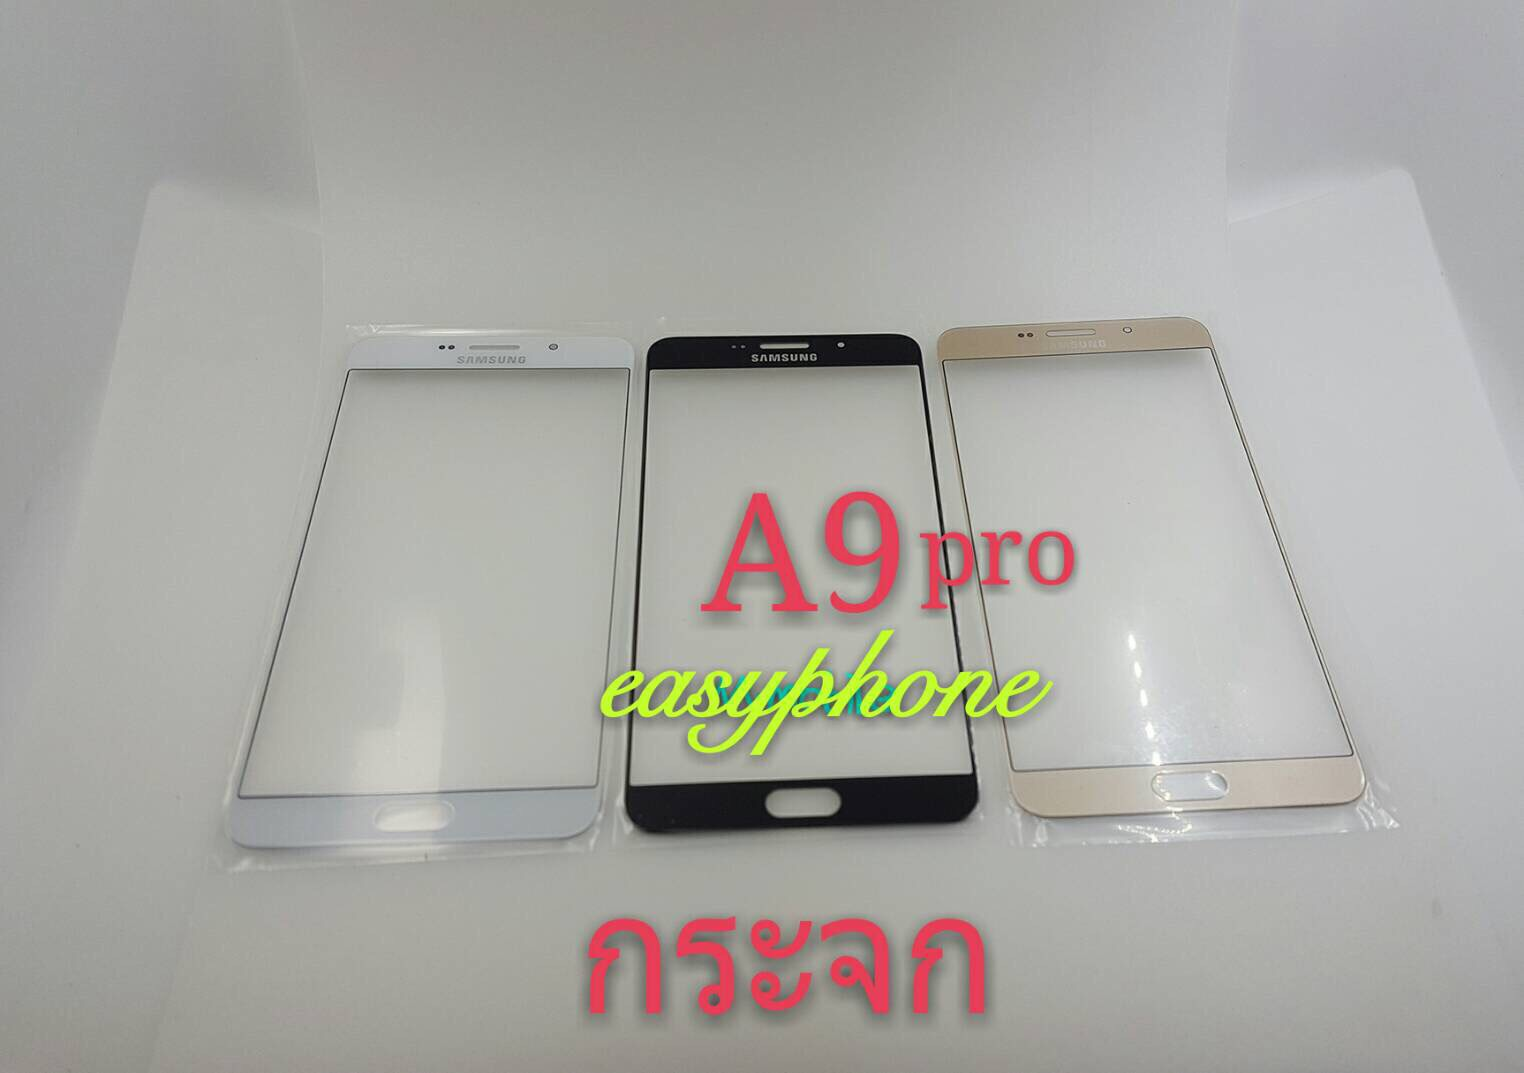 แผ่นกระจกหน้าจอ Galaxy A9 Pro สีขาว//สีดำ//สีทอง